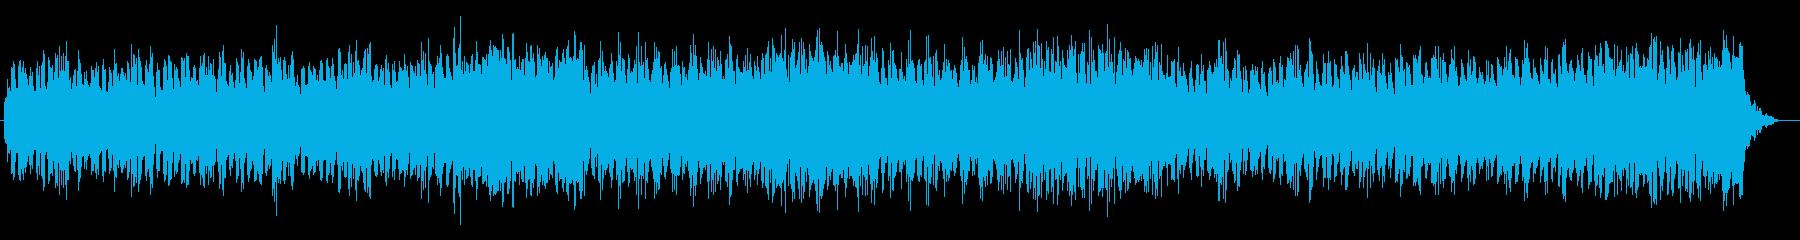 荘厳な雰囲気のあるシンセポップスの再生済みの波形